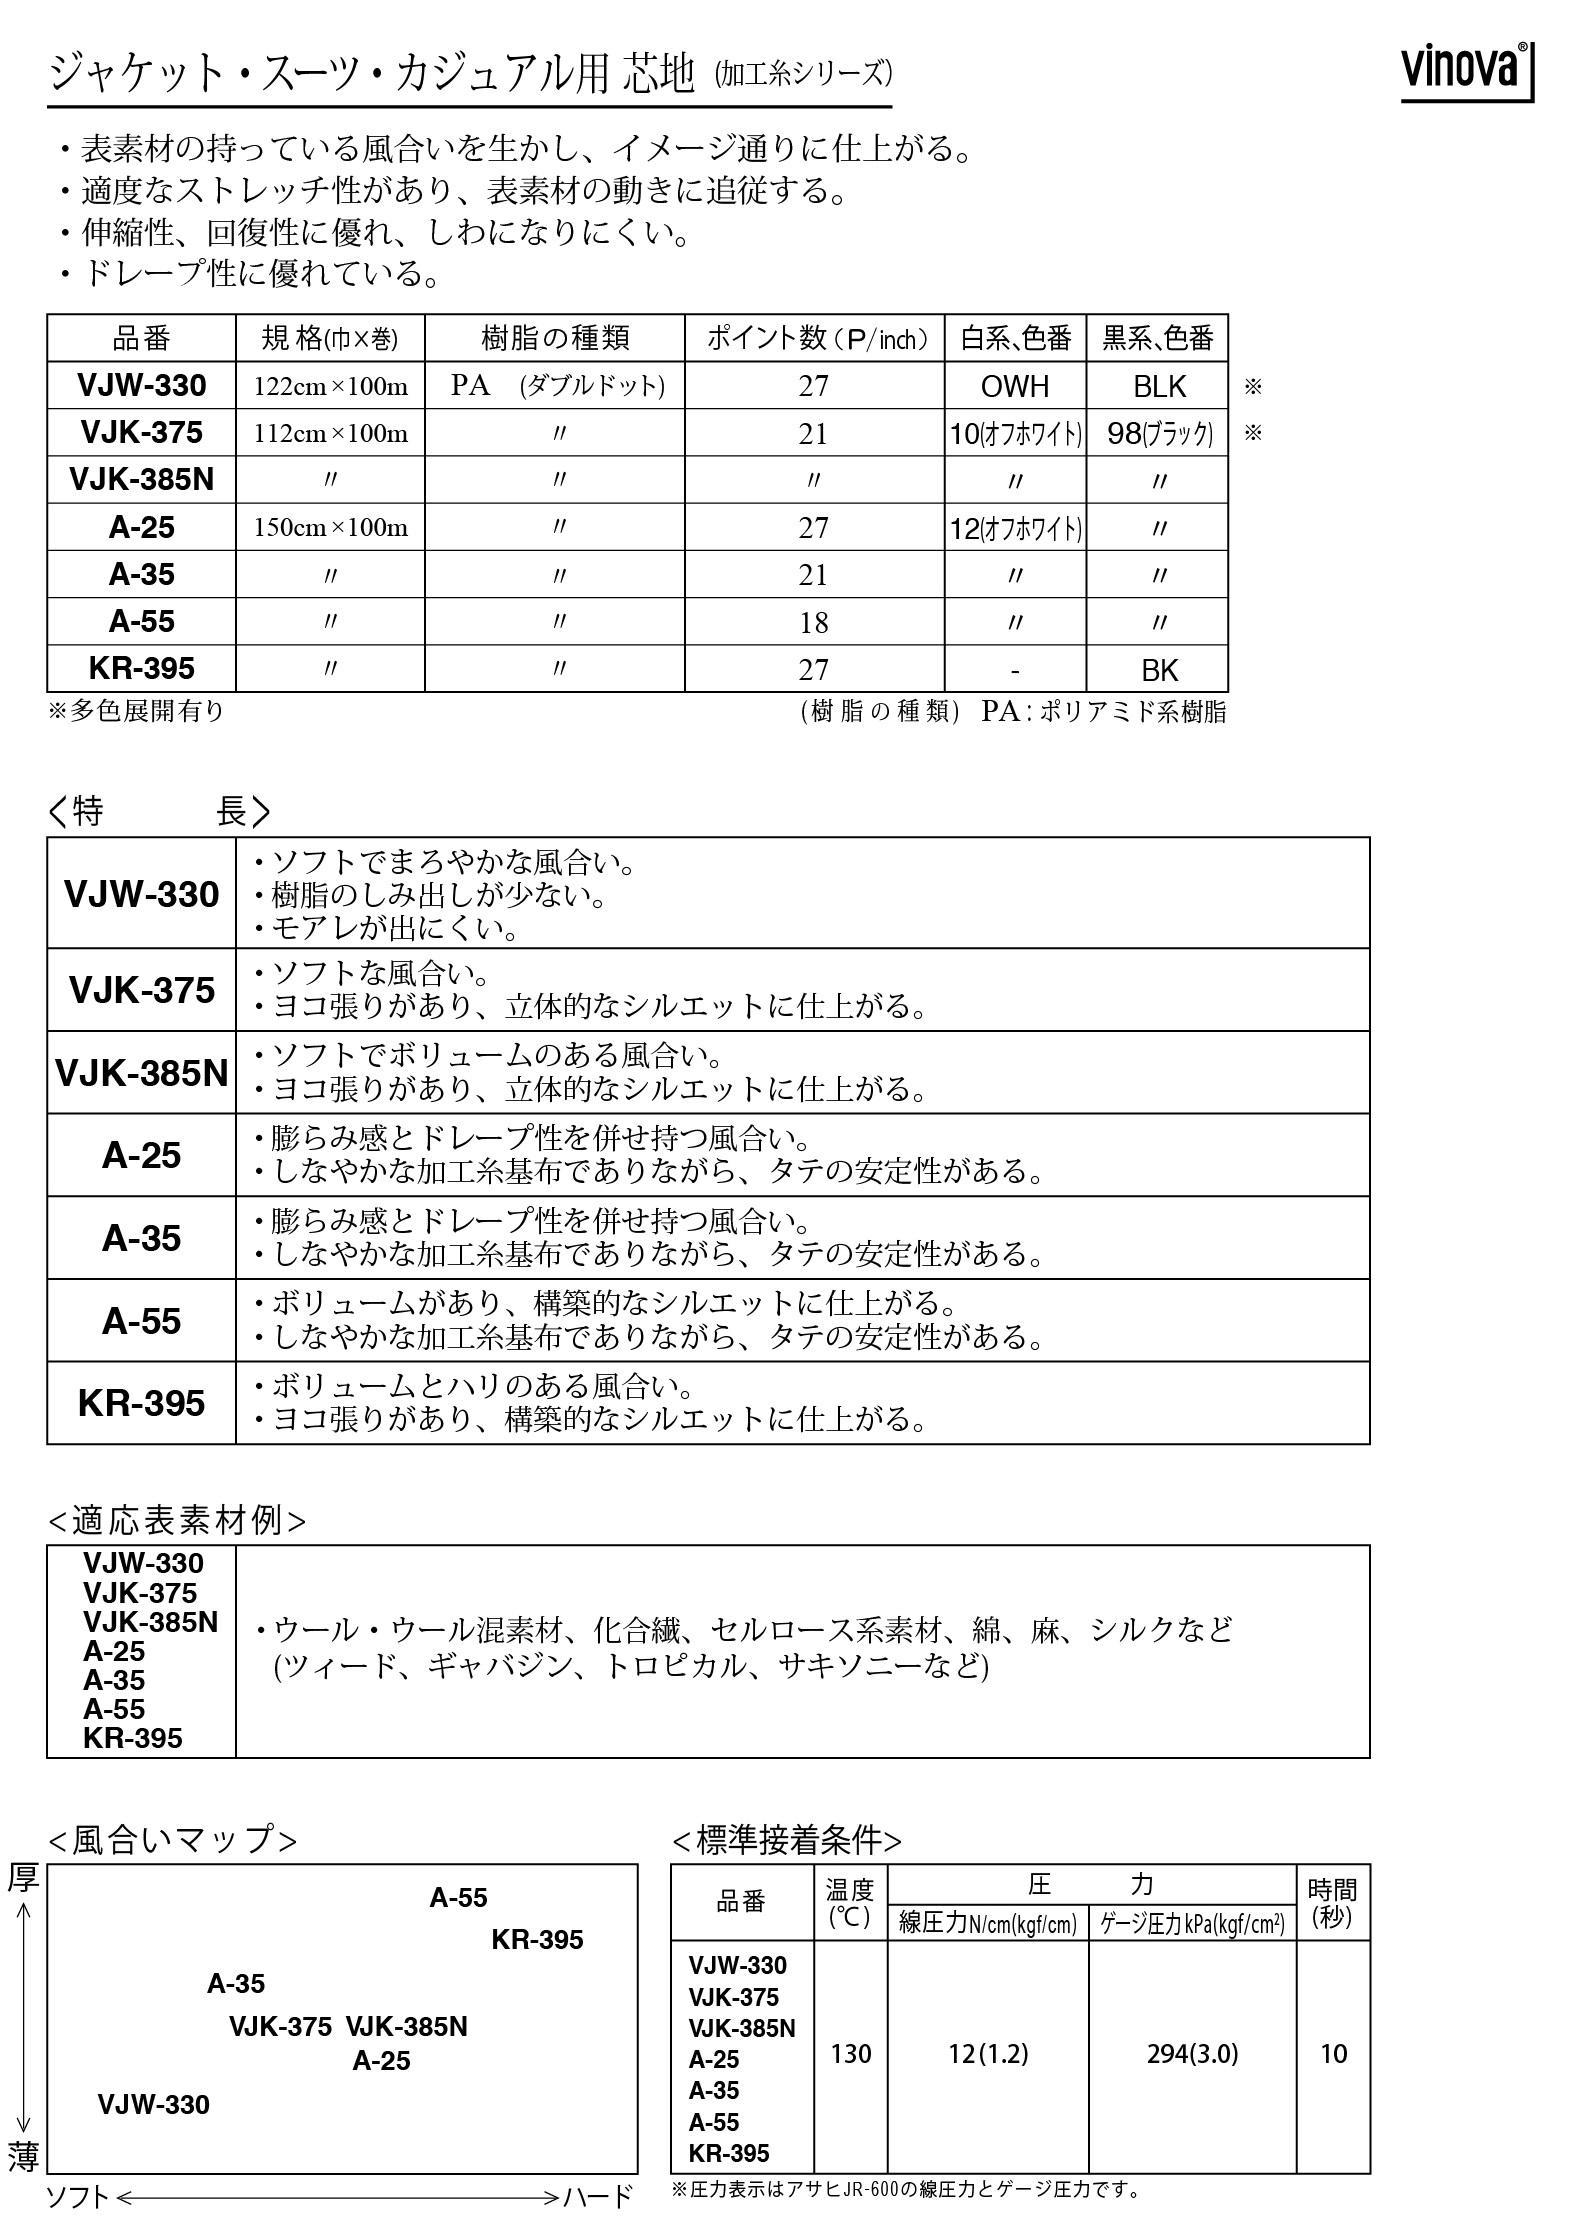 7. ジャケット・スーツ・カジュアル・コート用芯地(加工糸シリーズ)【差替】.jpg